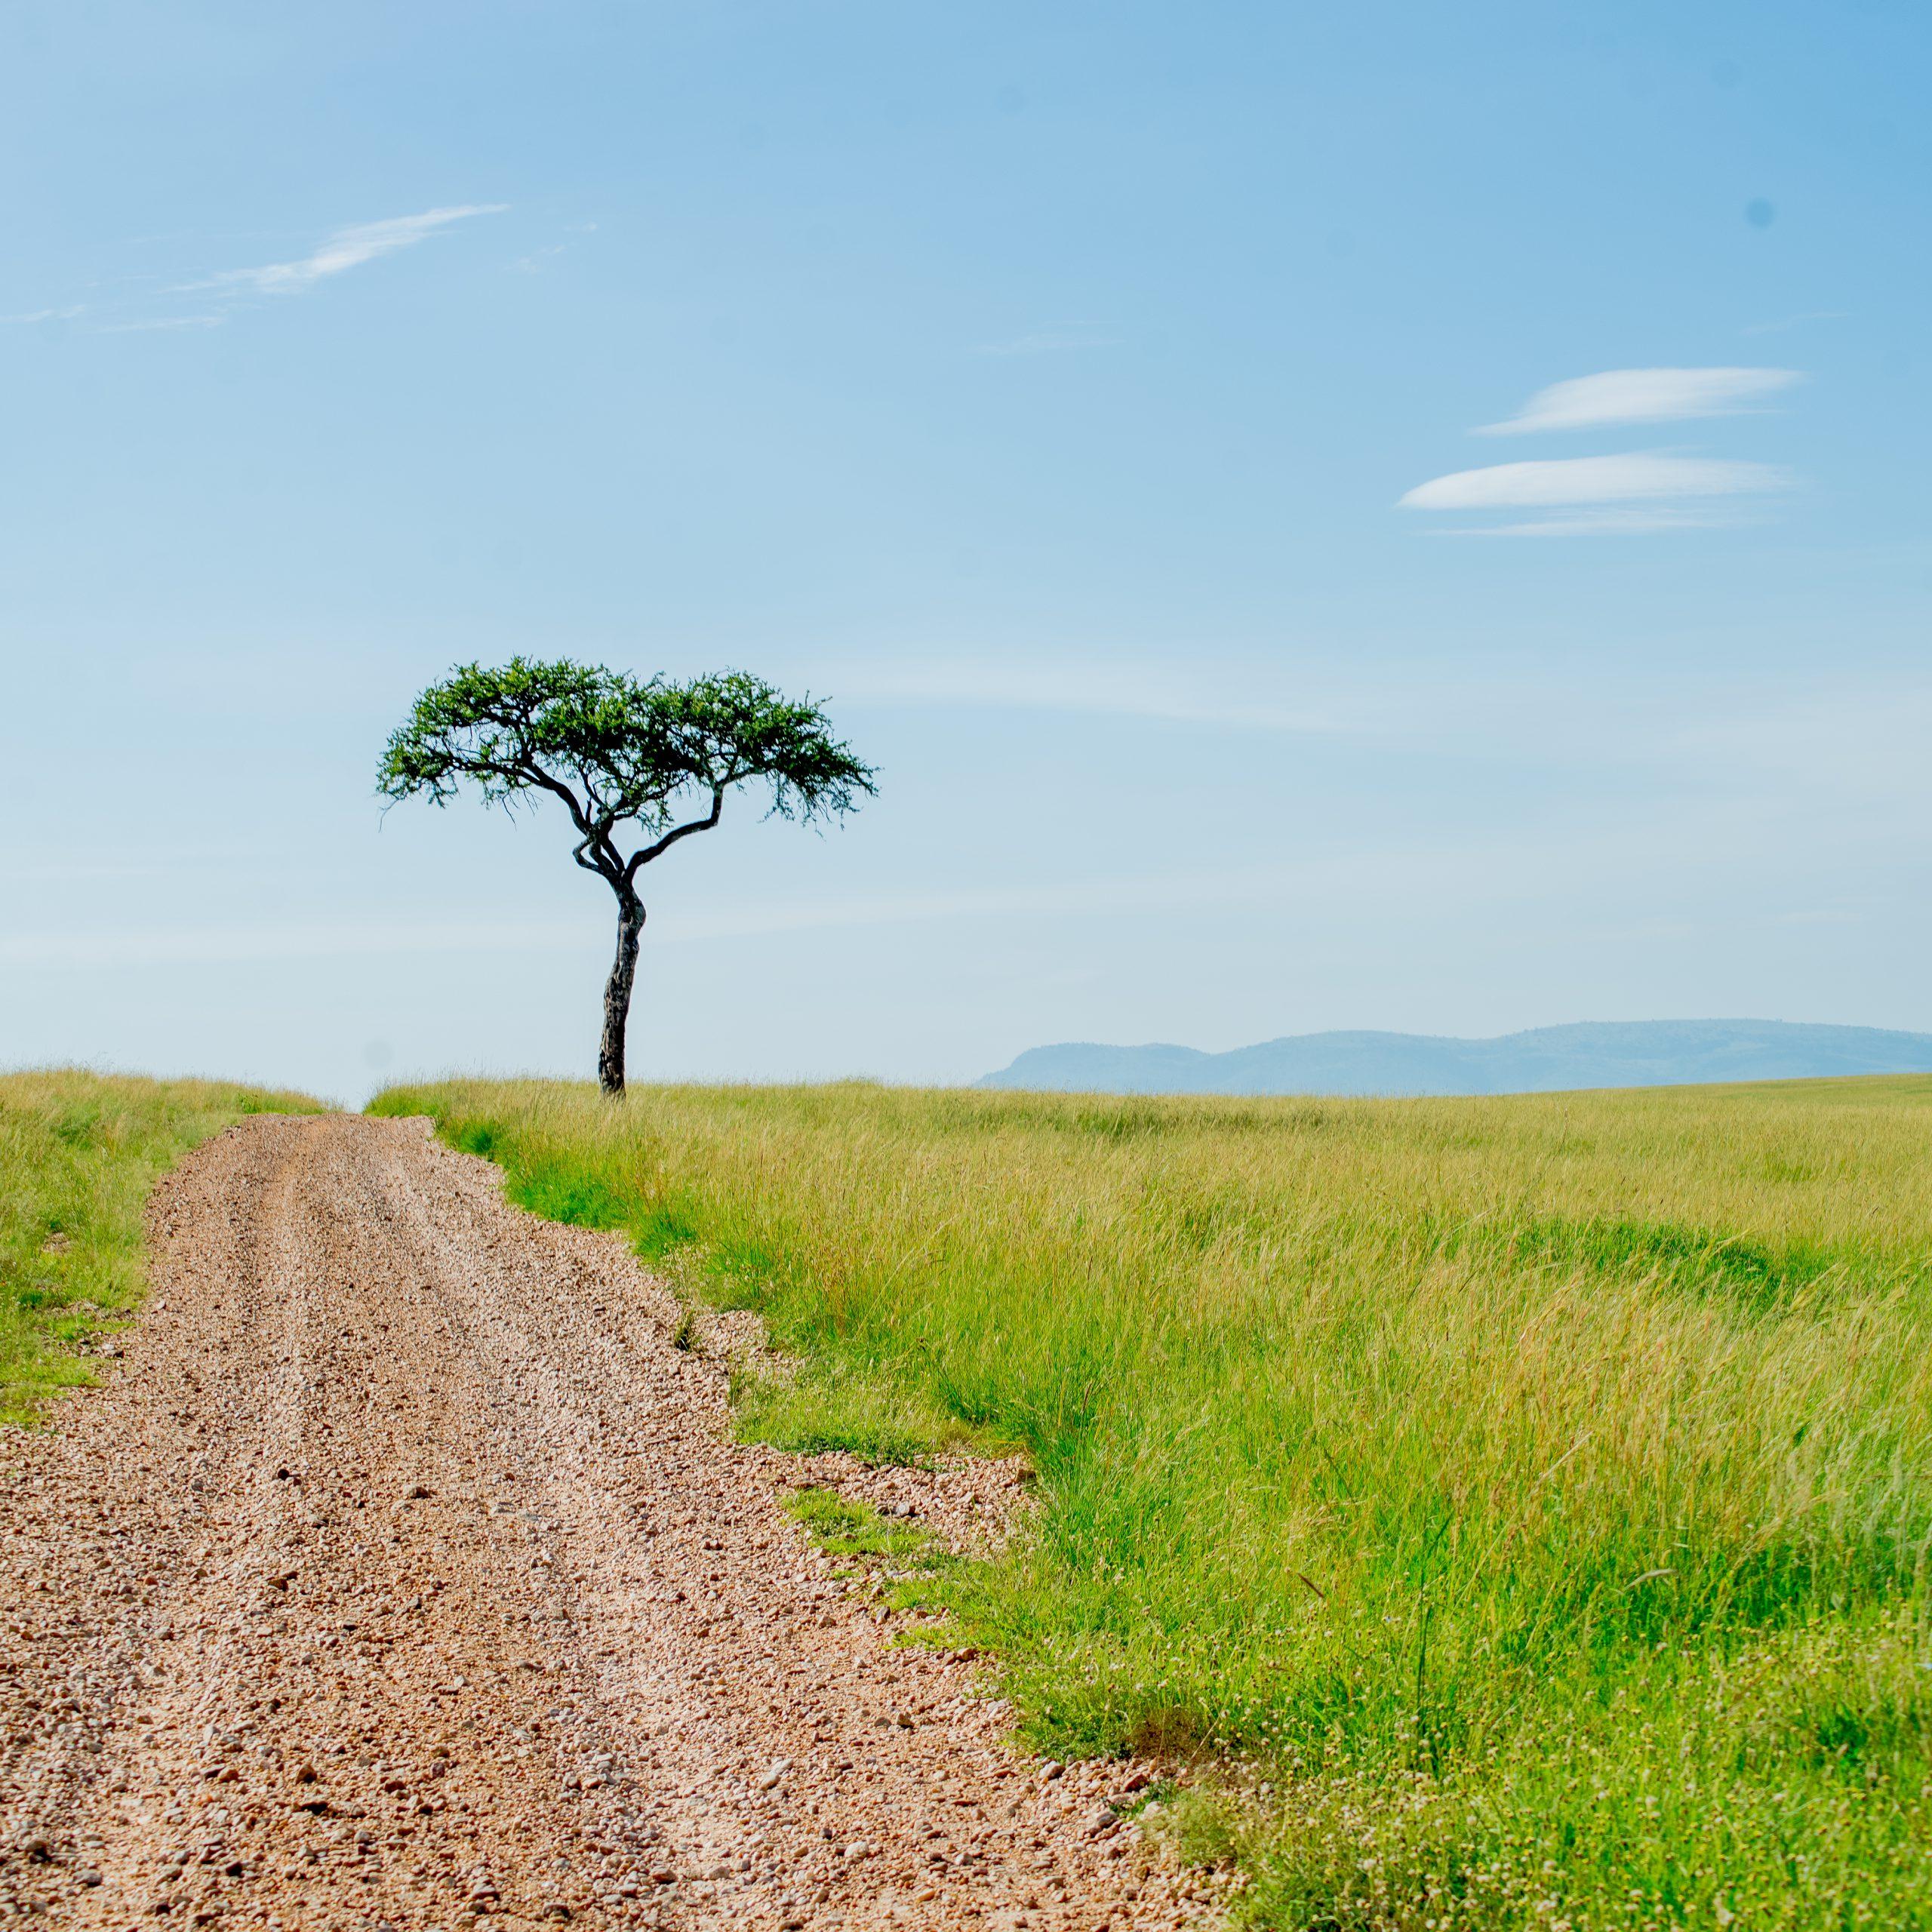 Day 3: Lake Naivasha - Maasai Mara